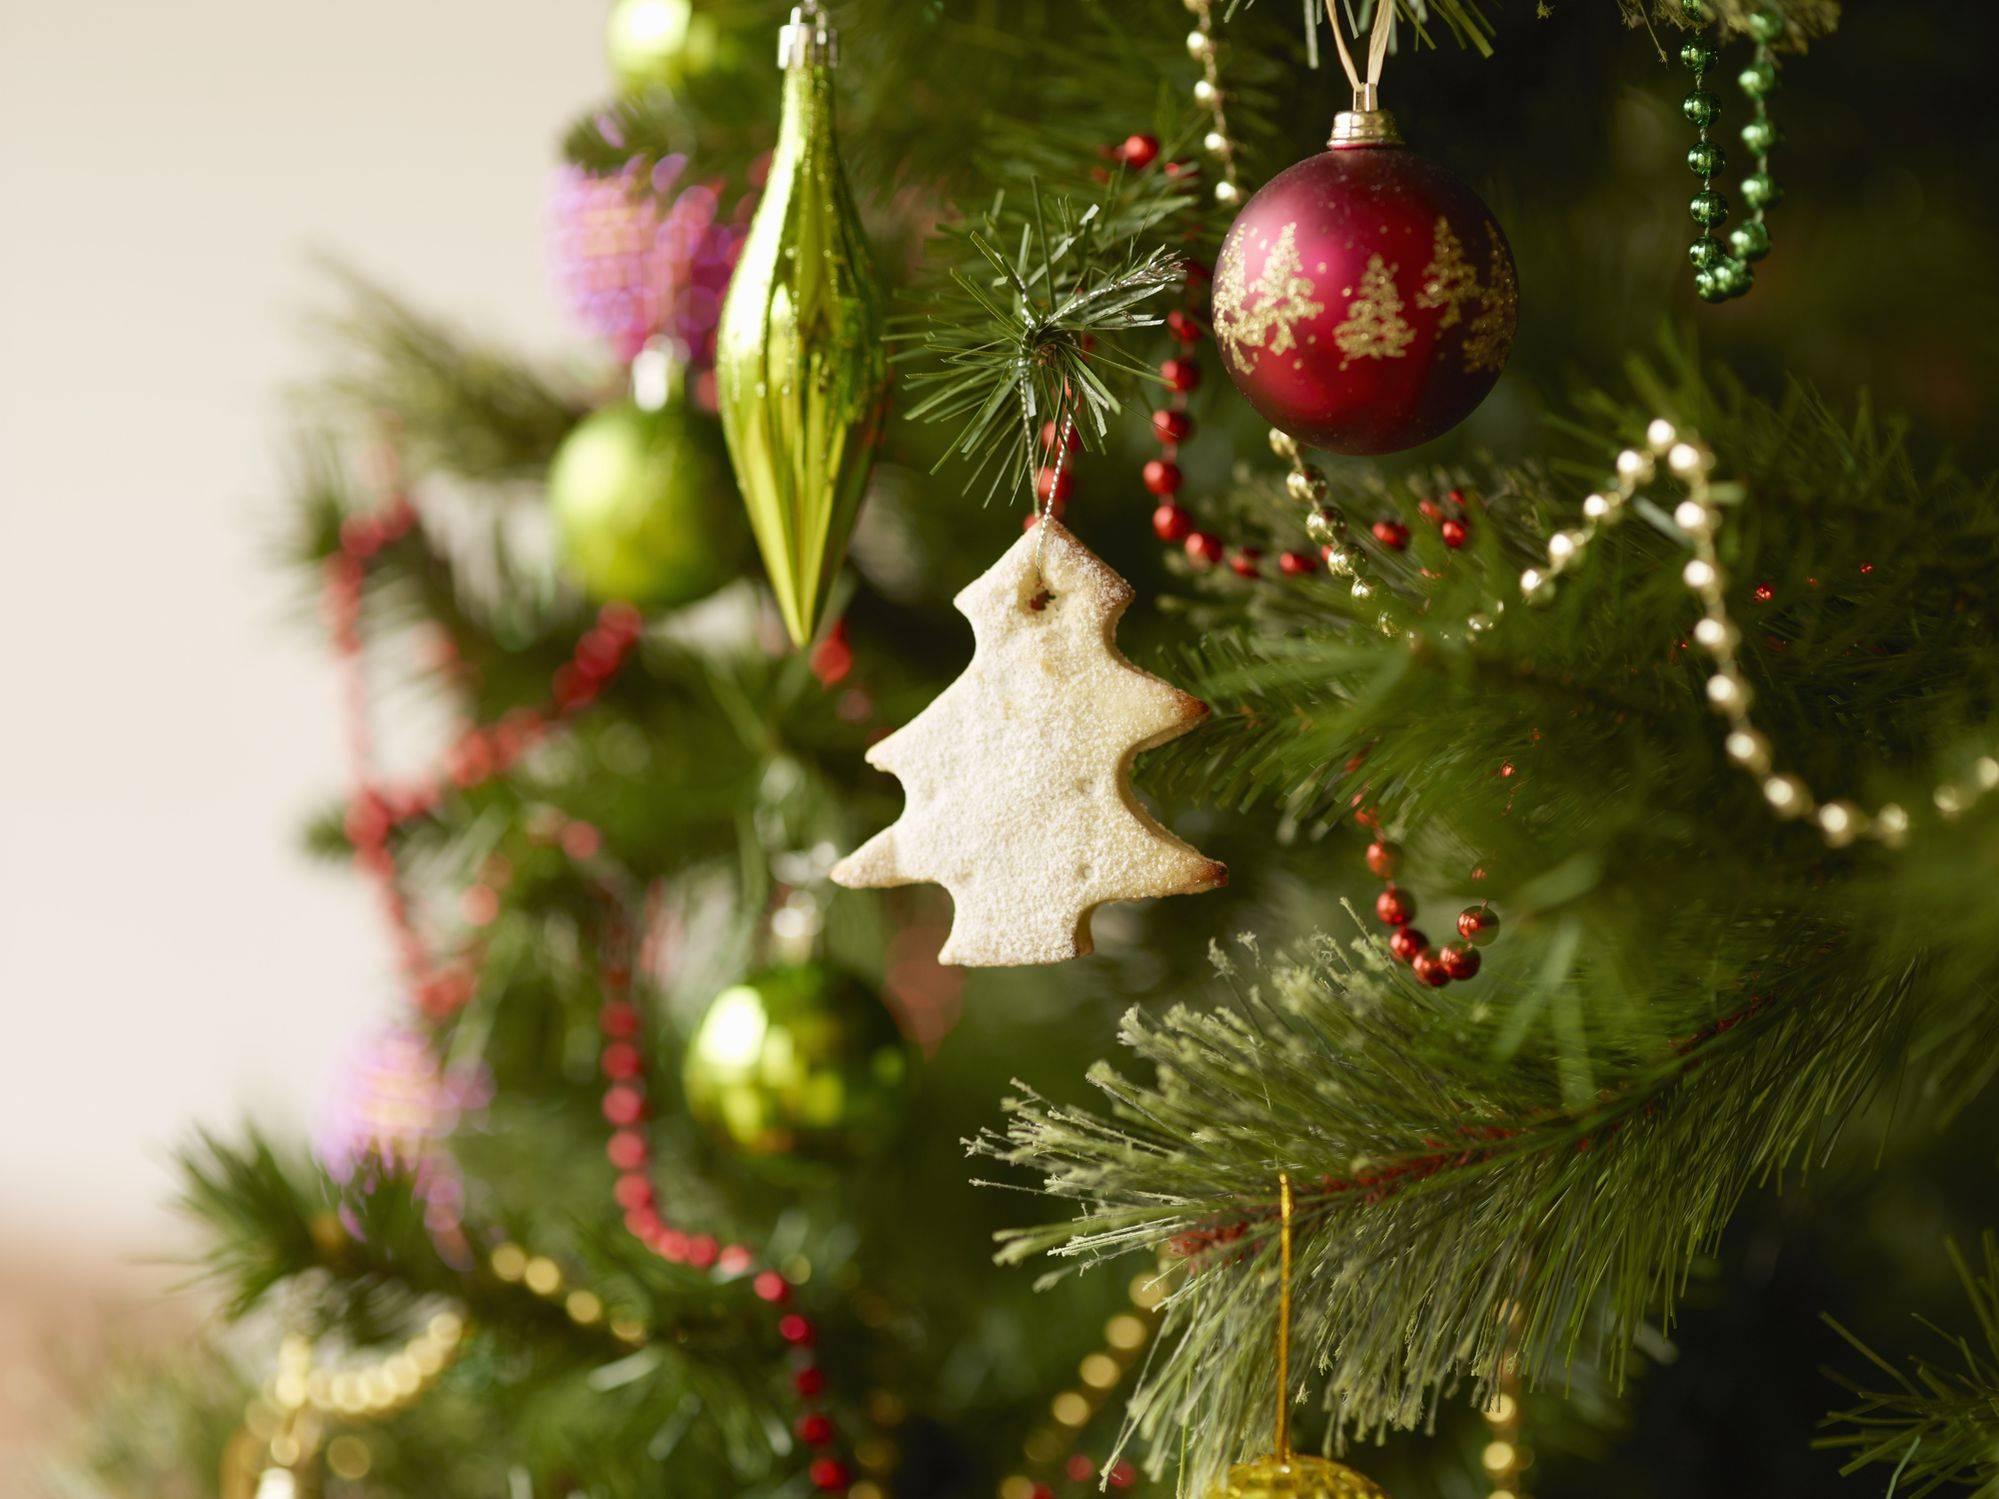 Christmasornamentdecoration Getty 590b6a733df78c9283acf7bd